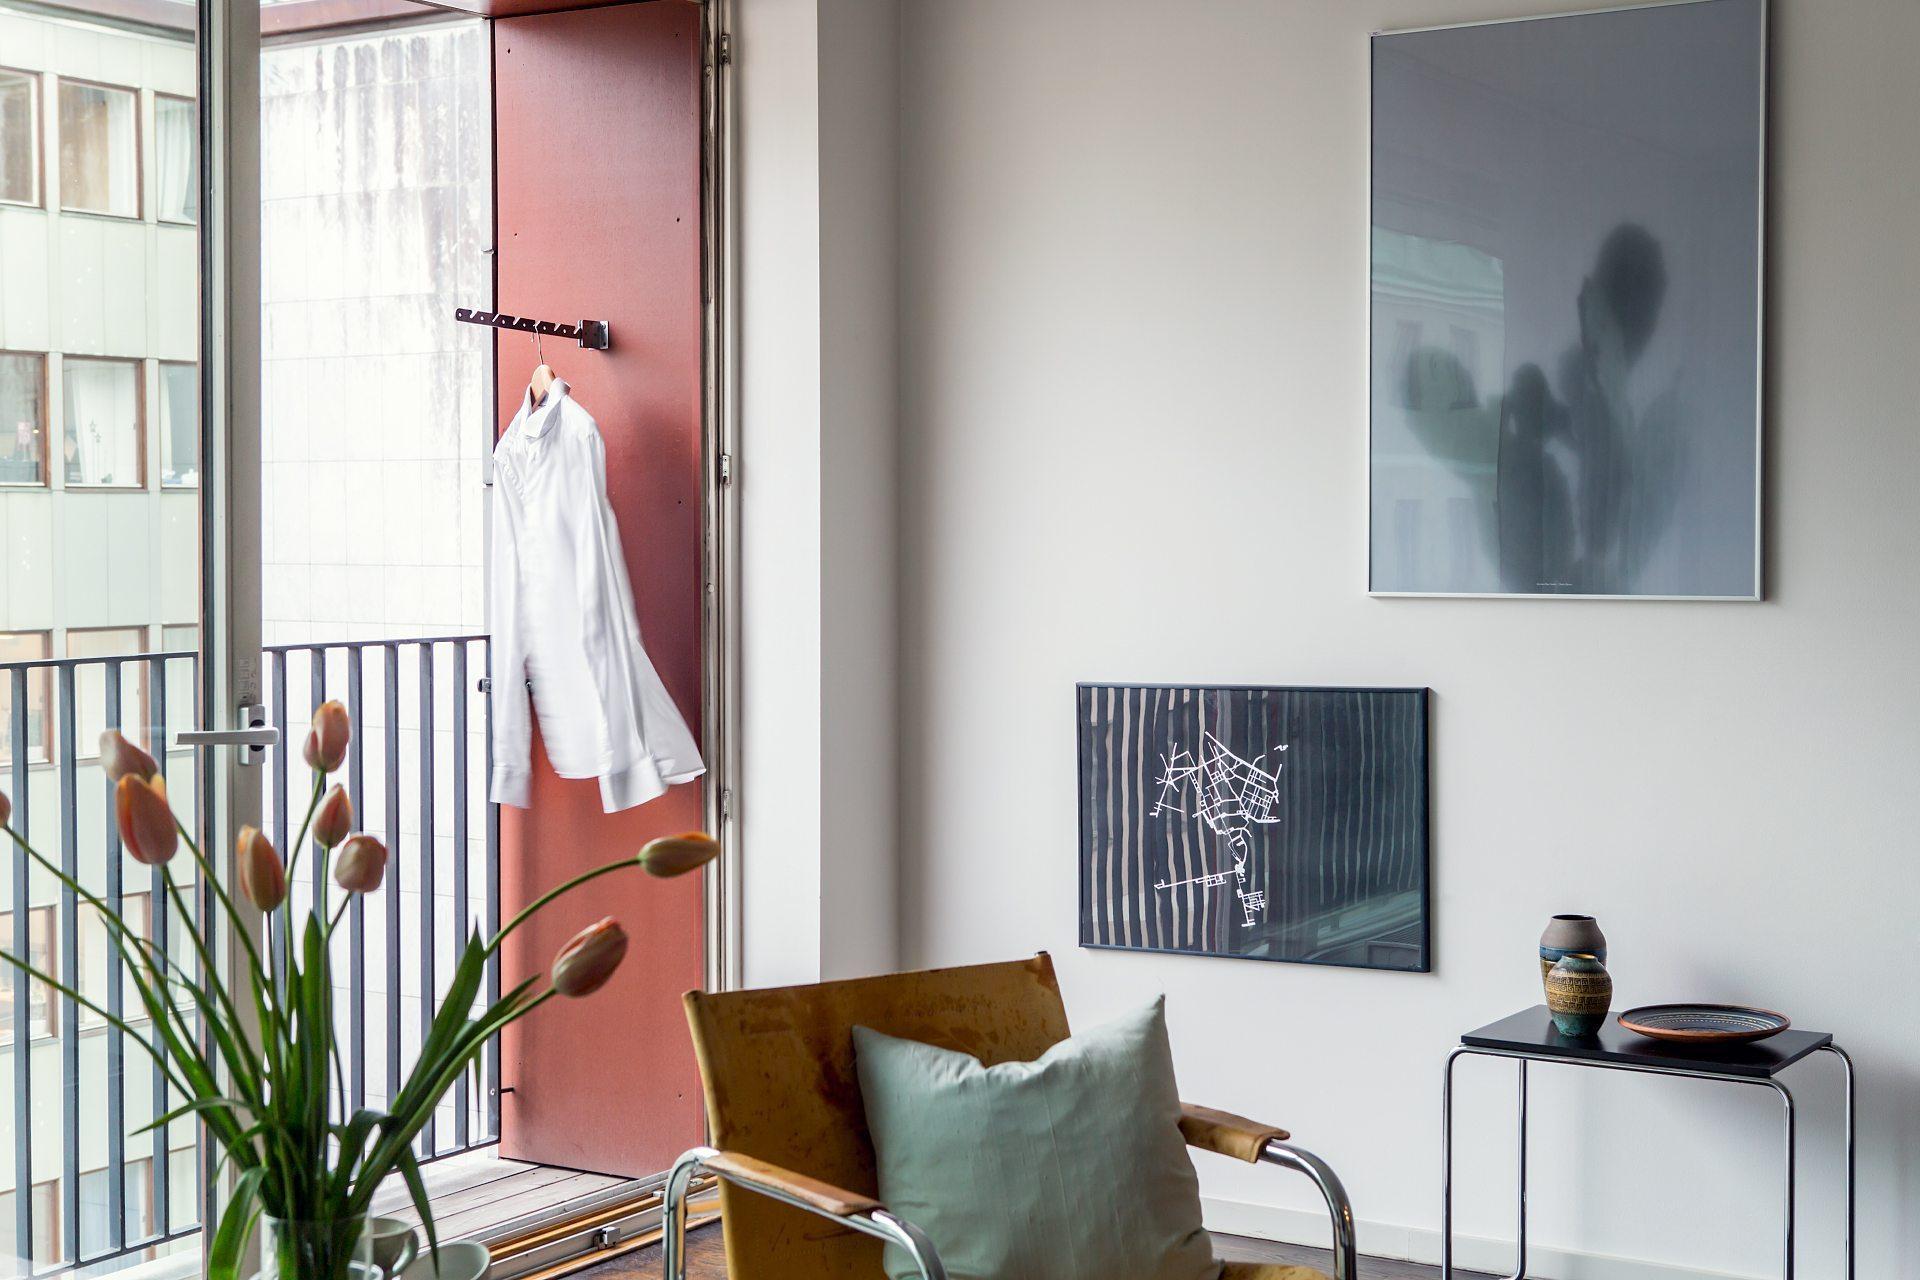 Surbrunnsgatan 54 (Foto: Jessica Silversaga, Styling: Mimmi Staaf för Fantastic Frank) – Husligheter.se